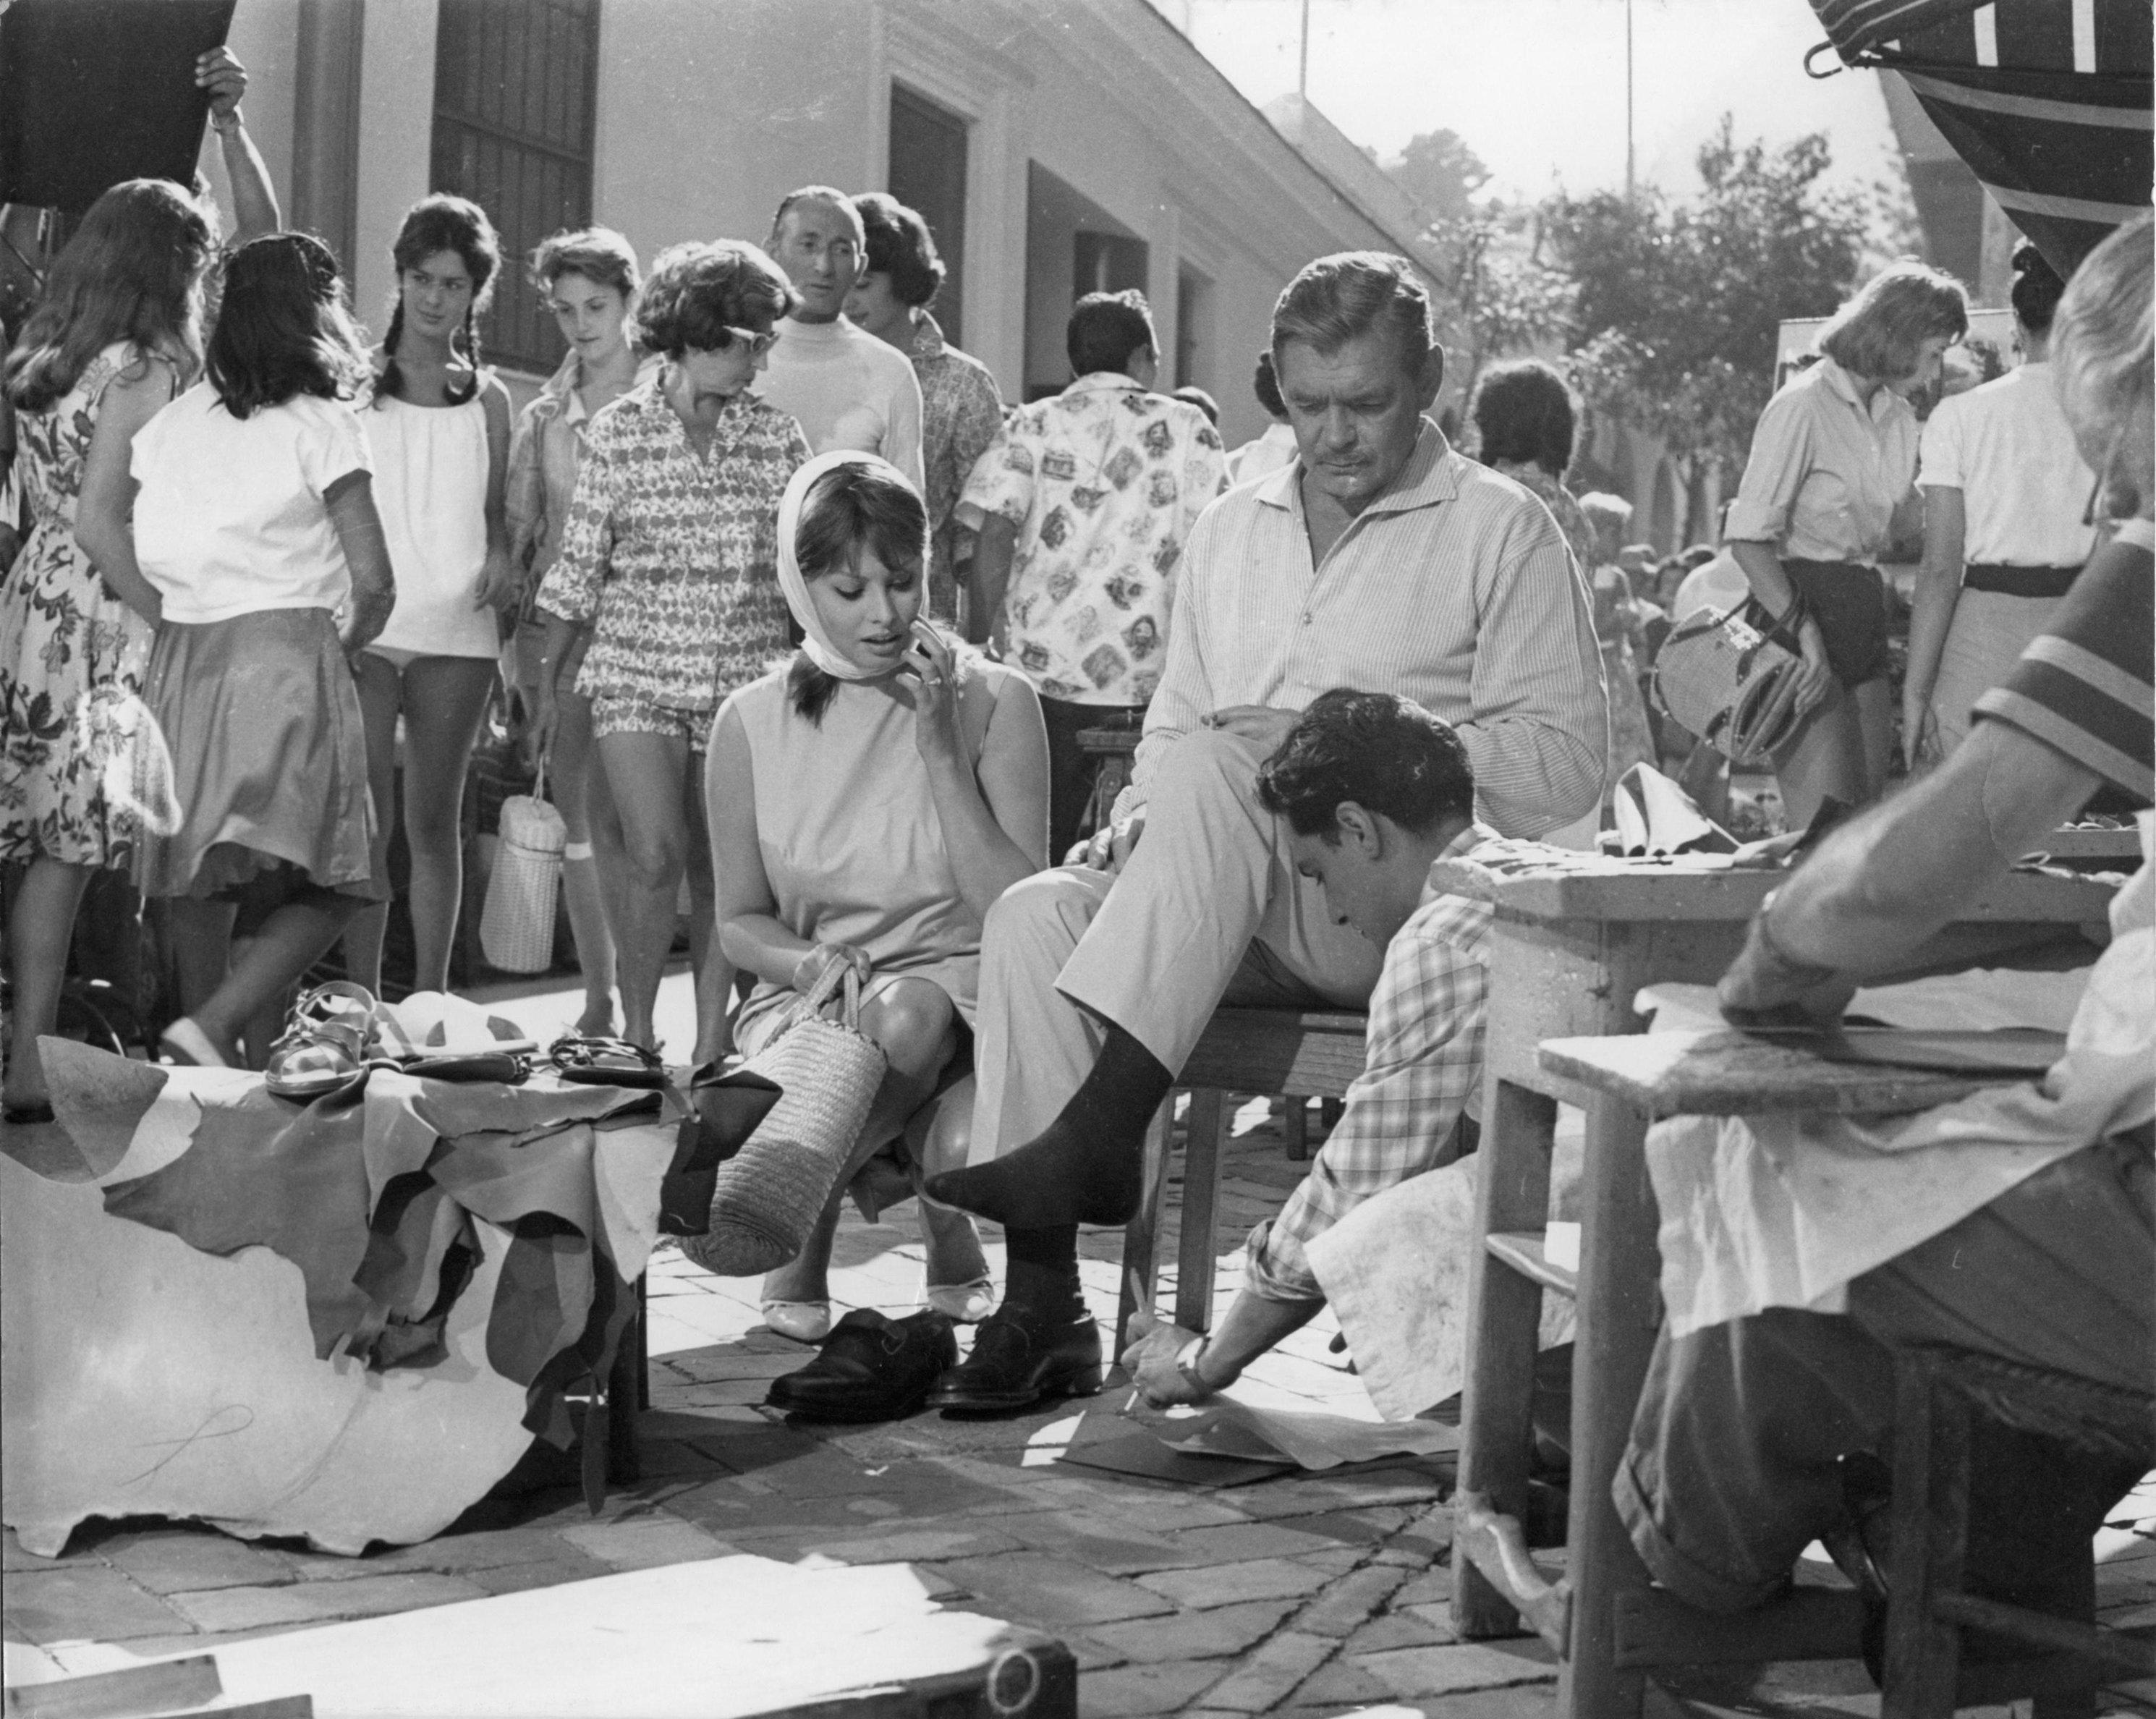 Capri, 1959, Da Costanzo, Sophia Loren e Clark Gable